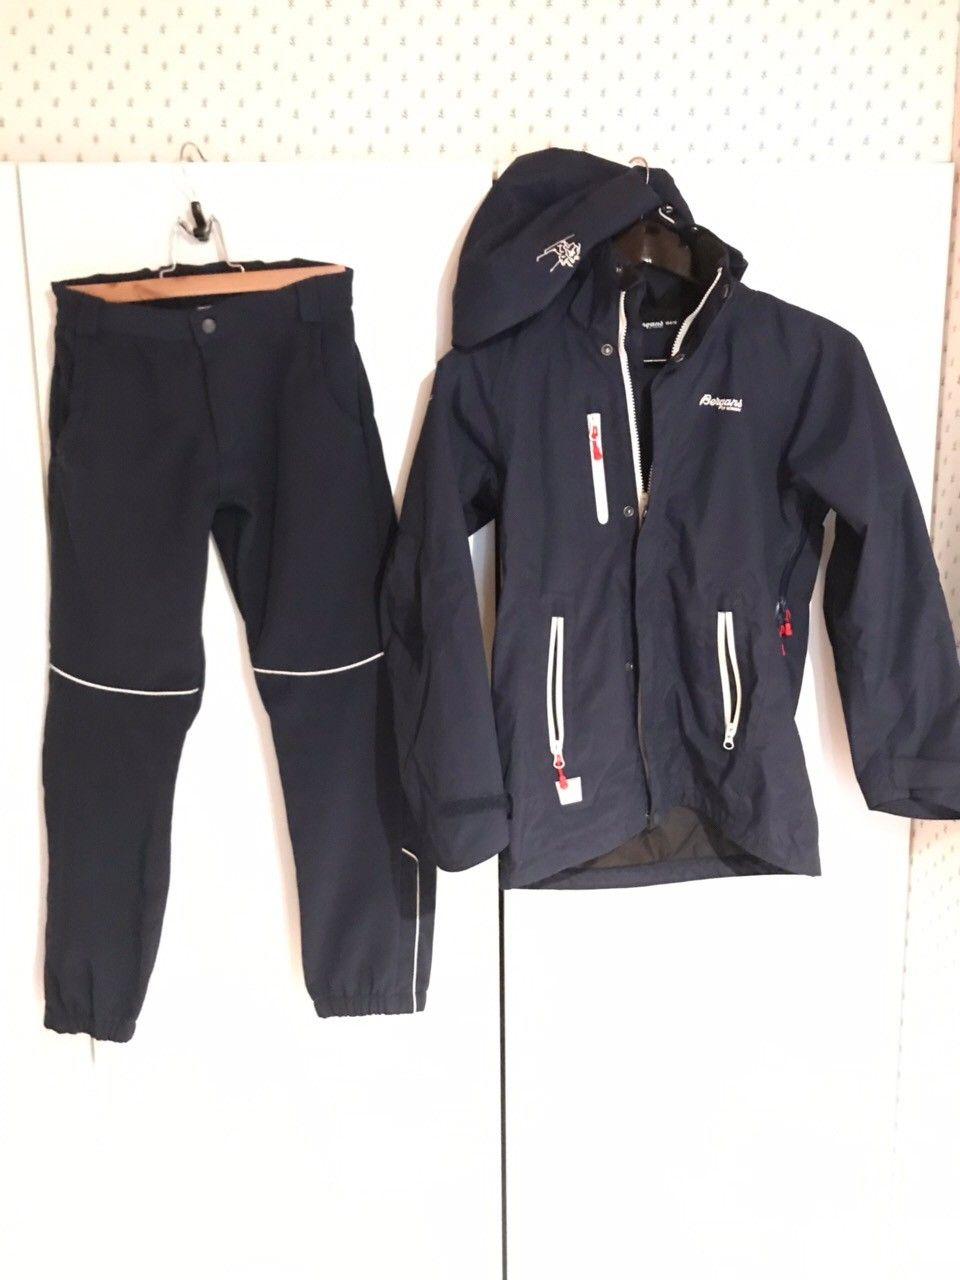 e81ca5ef Bergans jakke og turbukse fra Stormberg 10-12 år kr 600,-   FINN.no